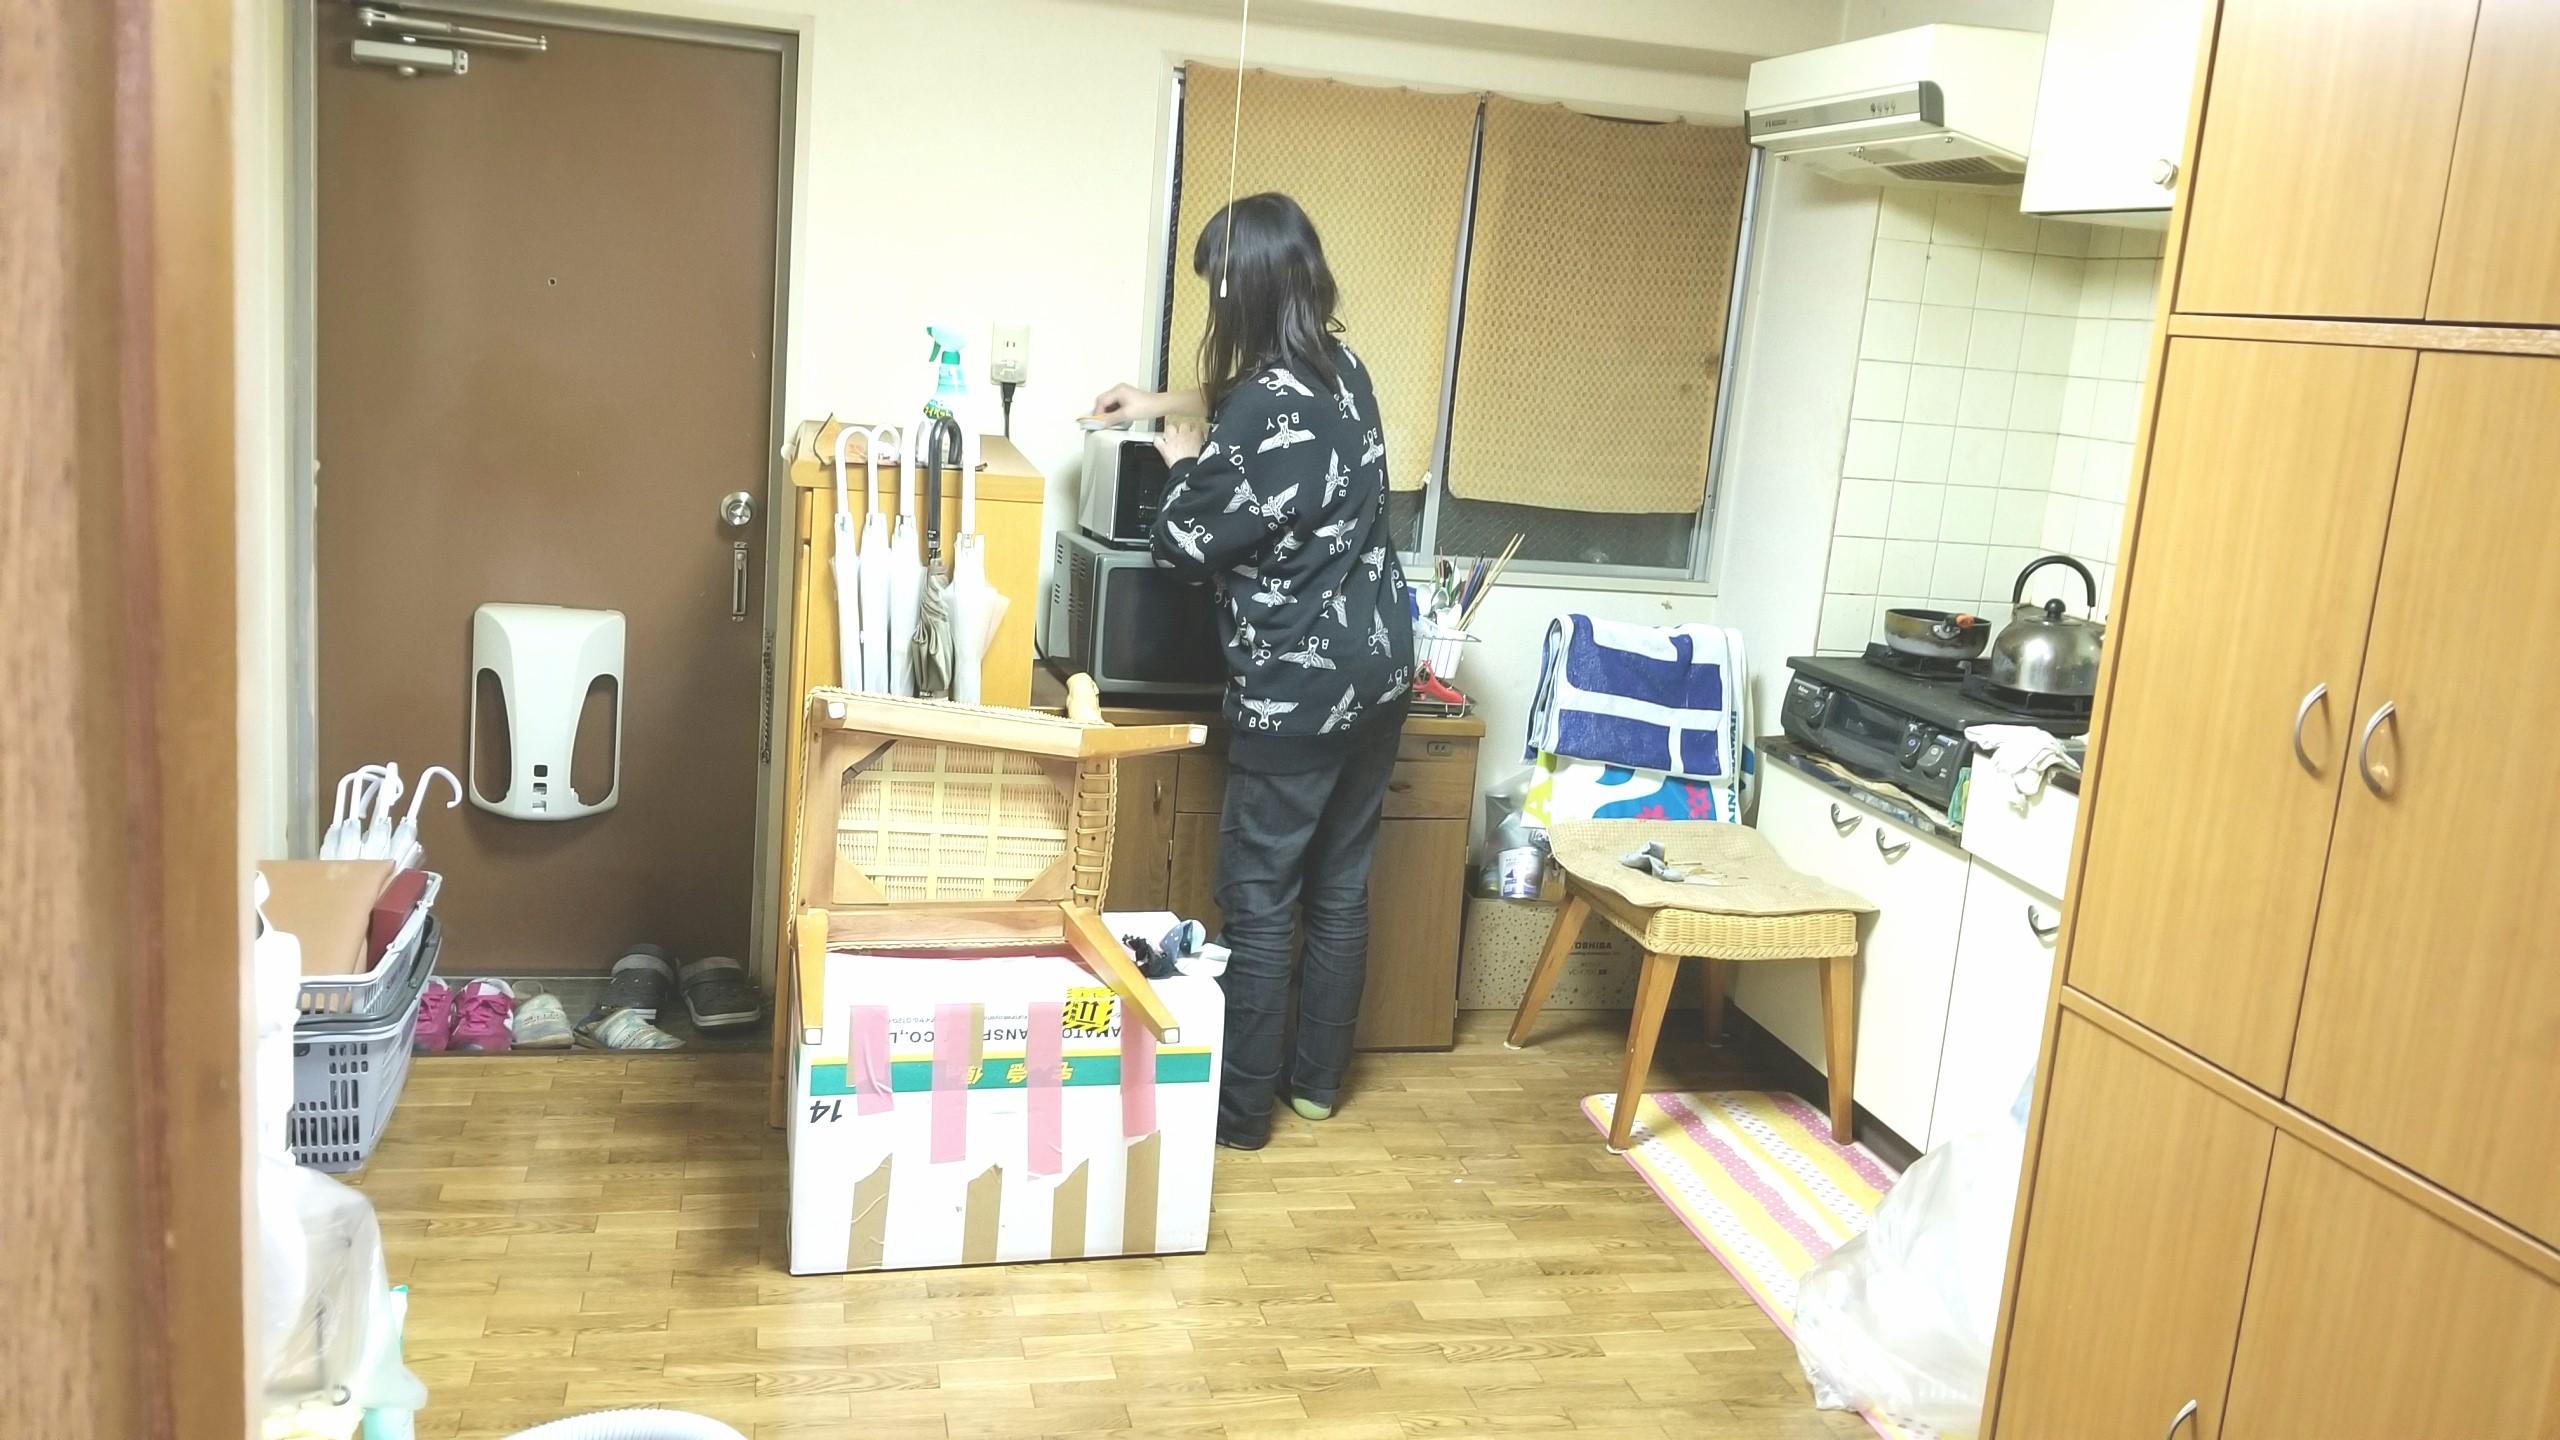 フローリングキッチン,お部屋の大掃除,綺麗に磨く,運気アップ,仕切り